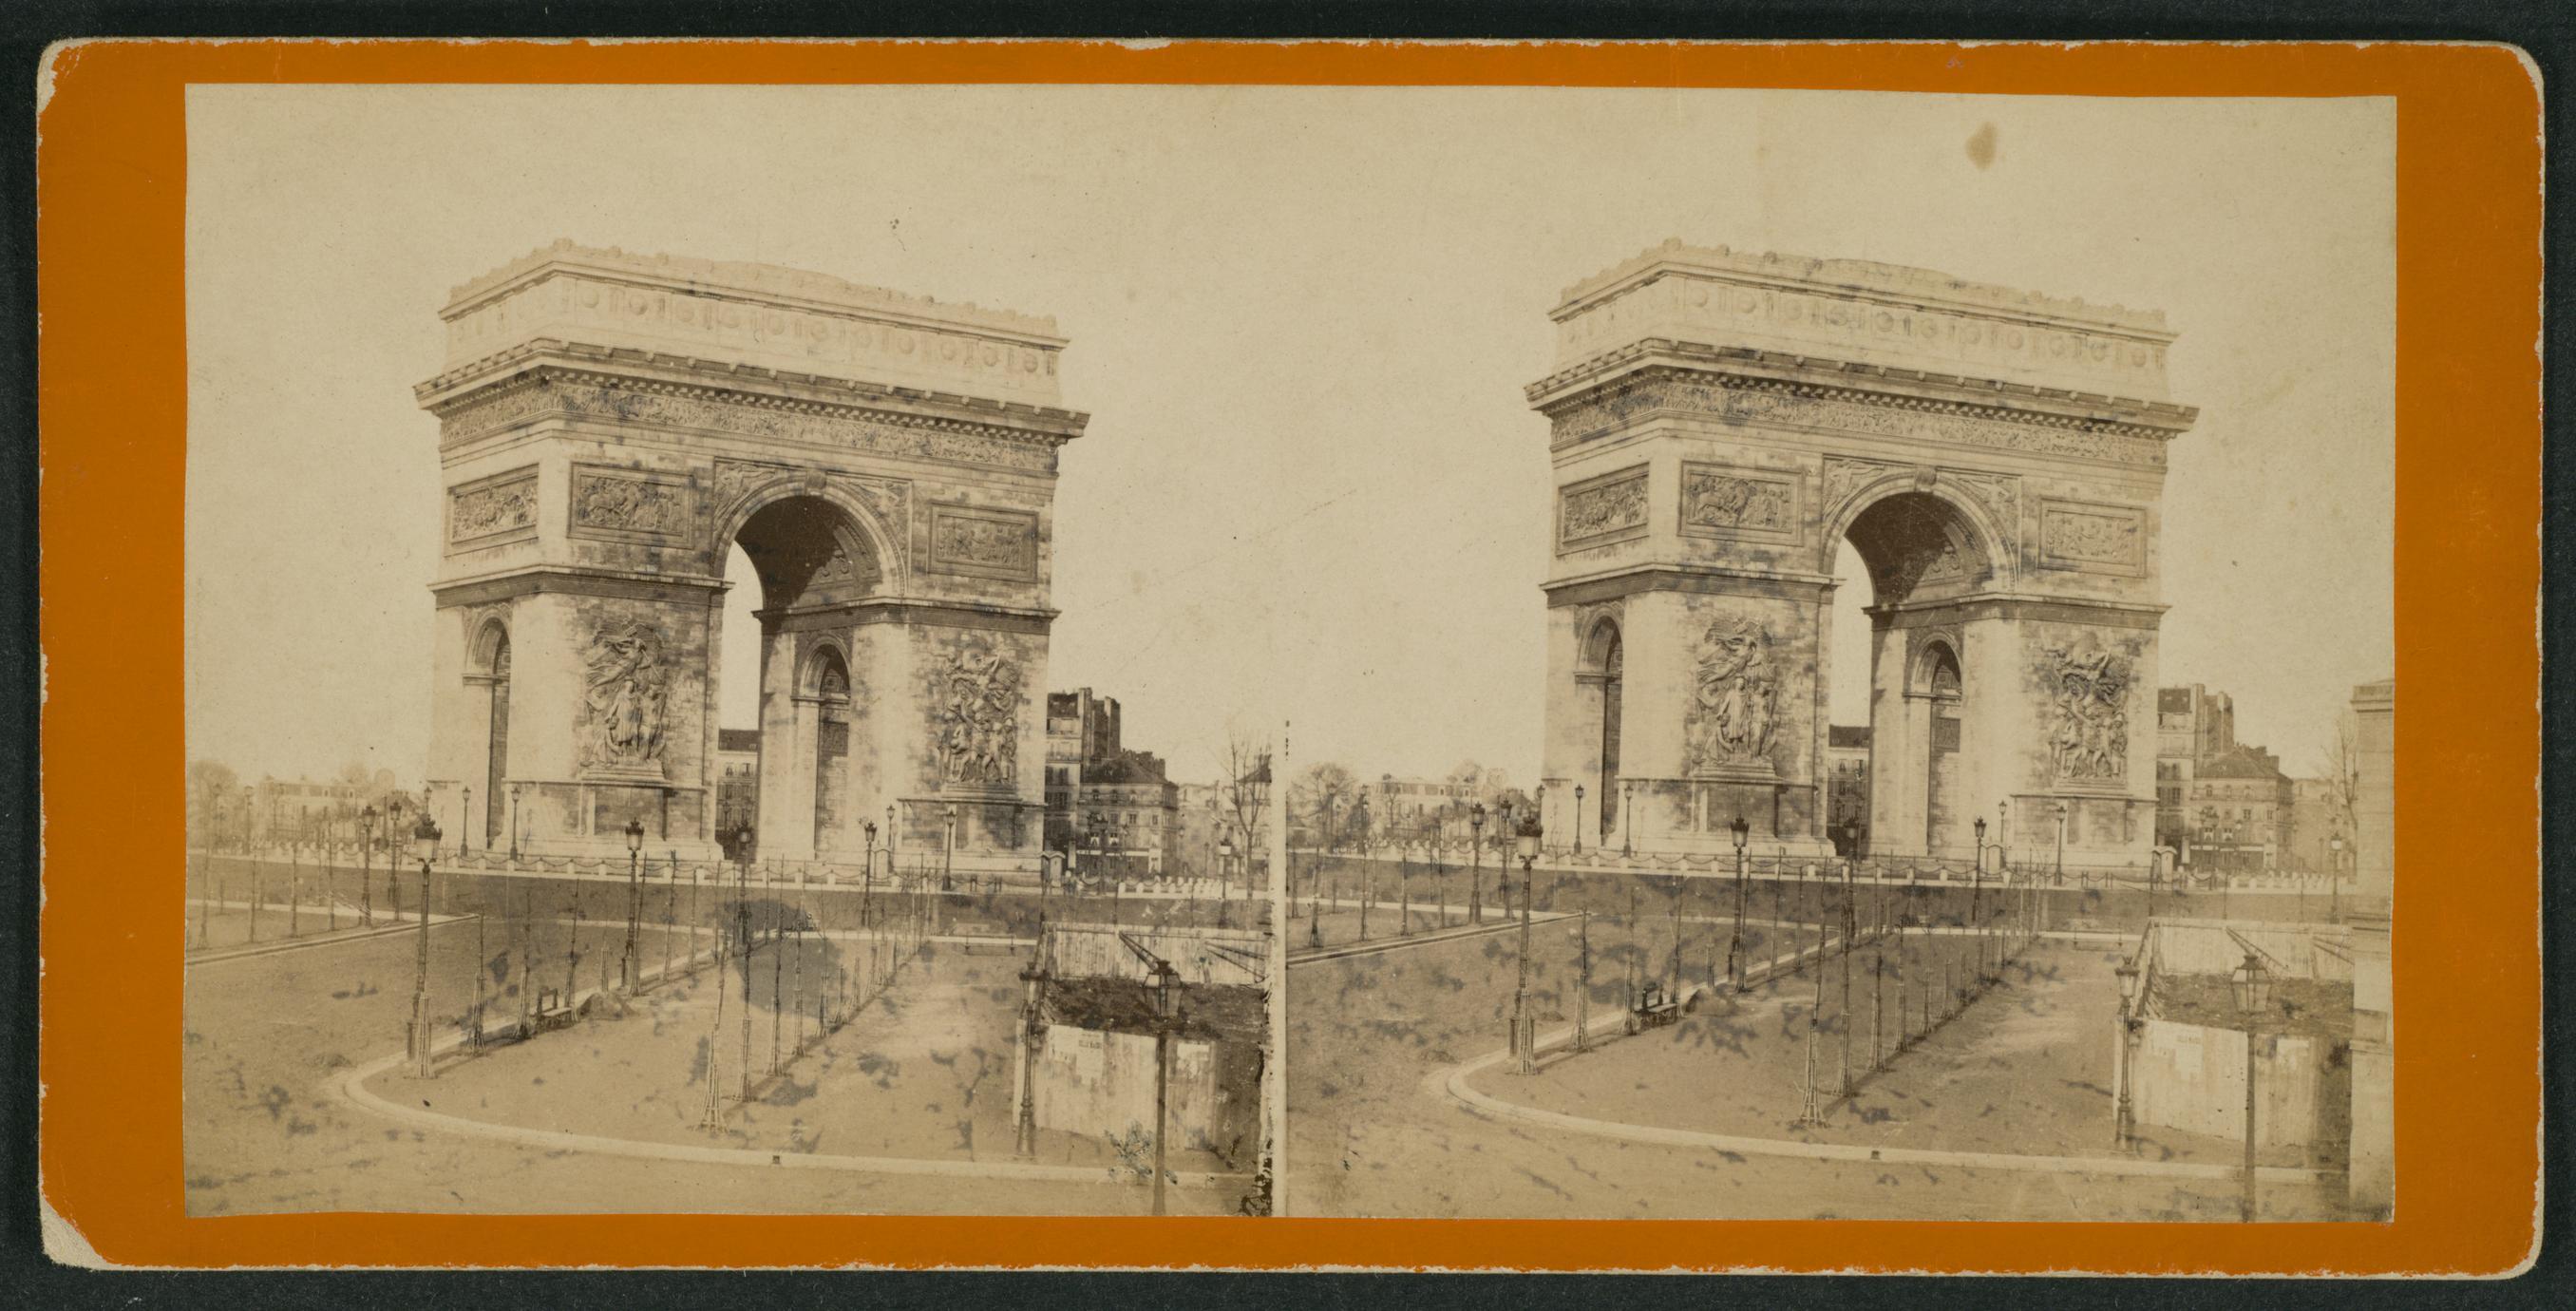 Arc de Triomphe de l'Étoile (1 of 3)